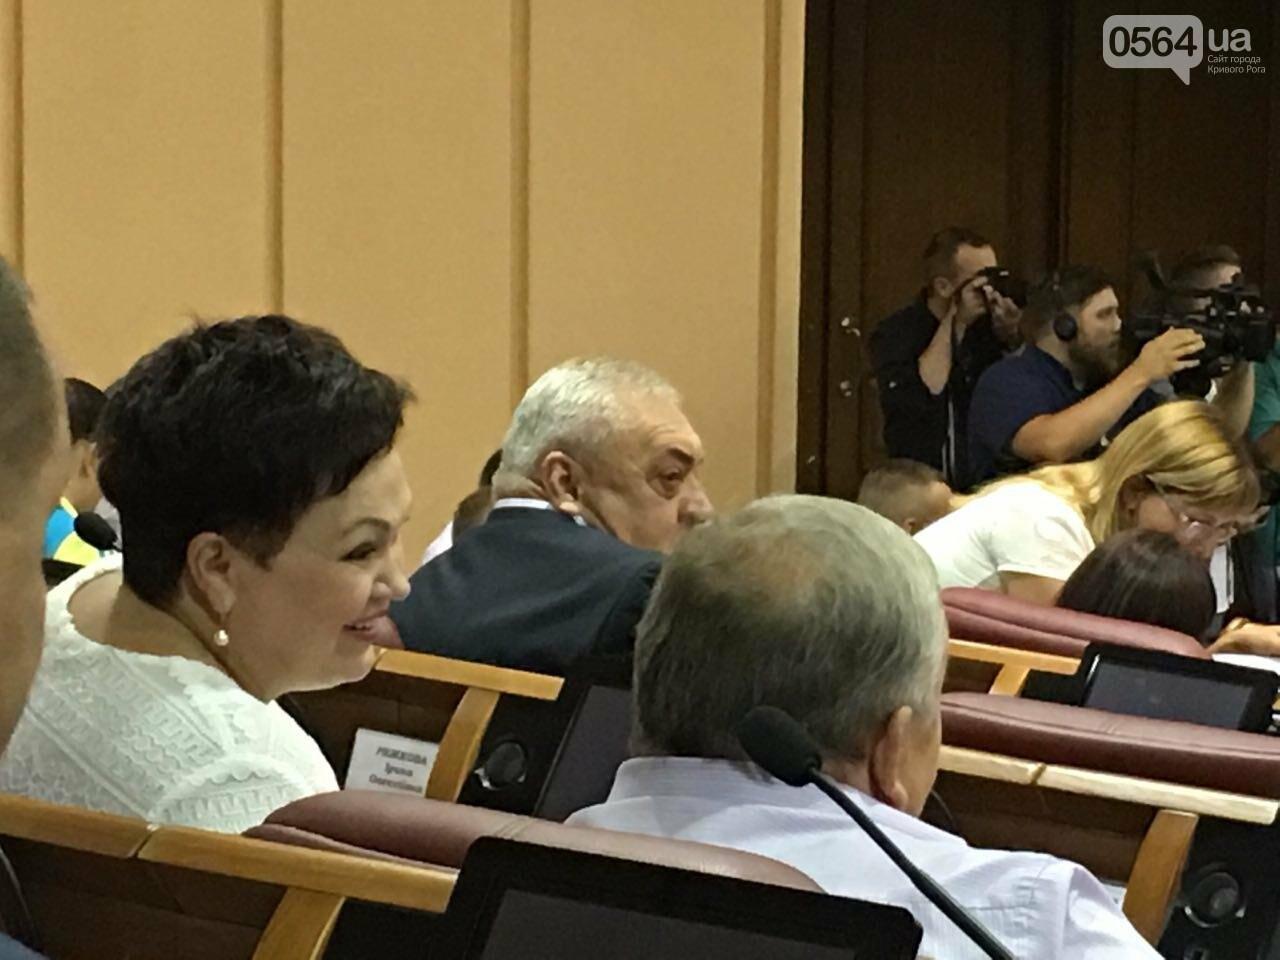 Криворожские депутаты обсудят вопрос премирования мэра и его заместителей, тариф на проезд в маршрутках и поддержку бизнесменов, - ФОТО, фото-3